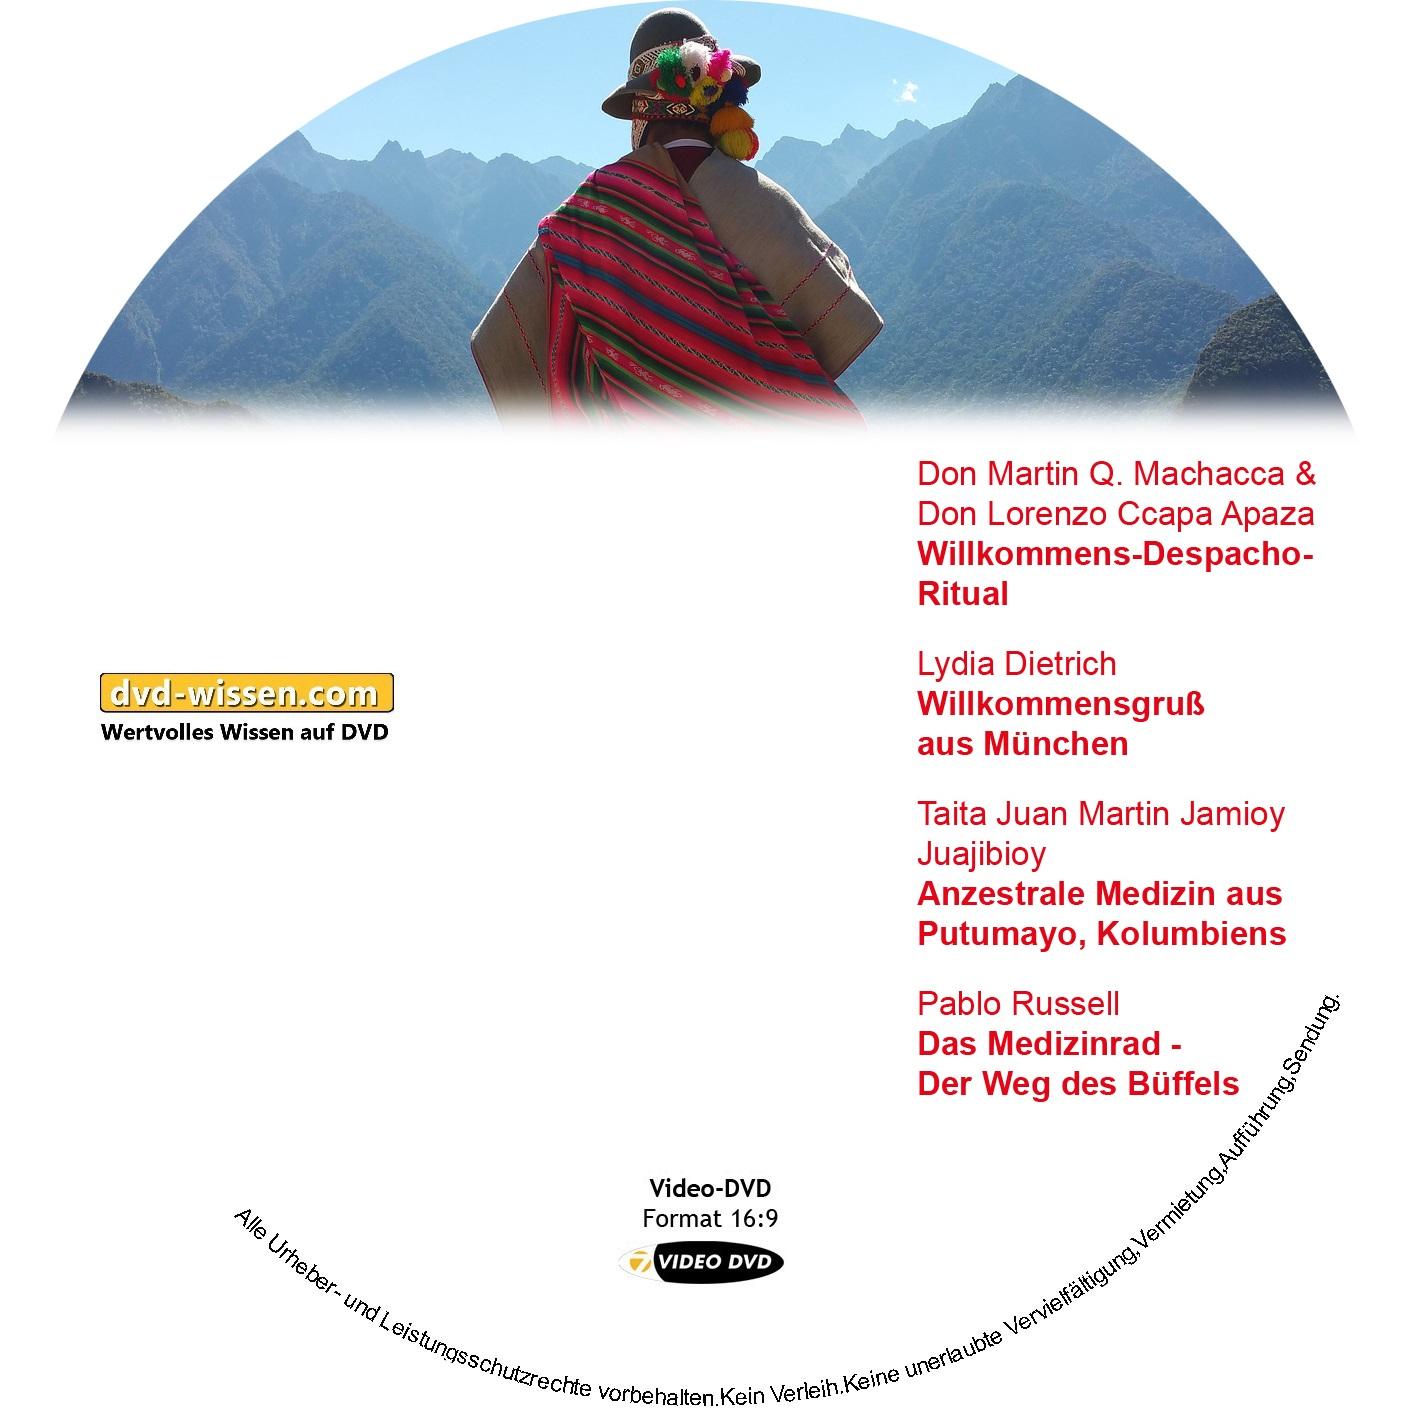 Vortragspaket vom Weltkongress für Ganzheitsmedizin (veranstaltet vom Institut für Ganzheitsmedizin e.V.), 2017, München